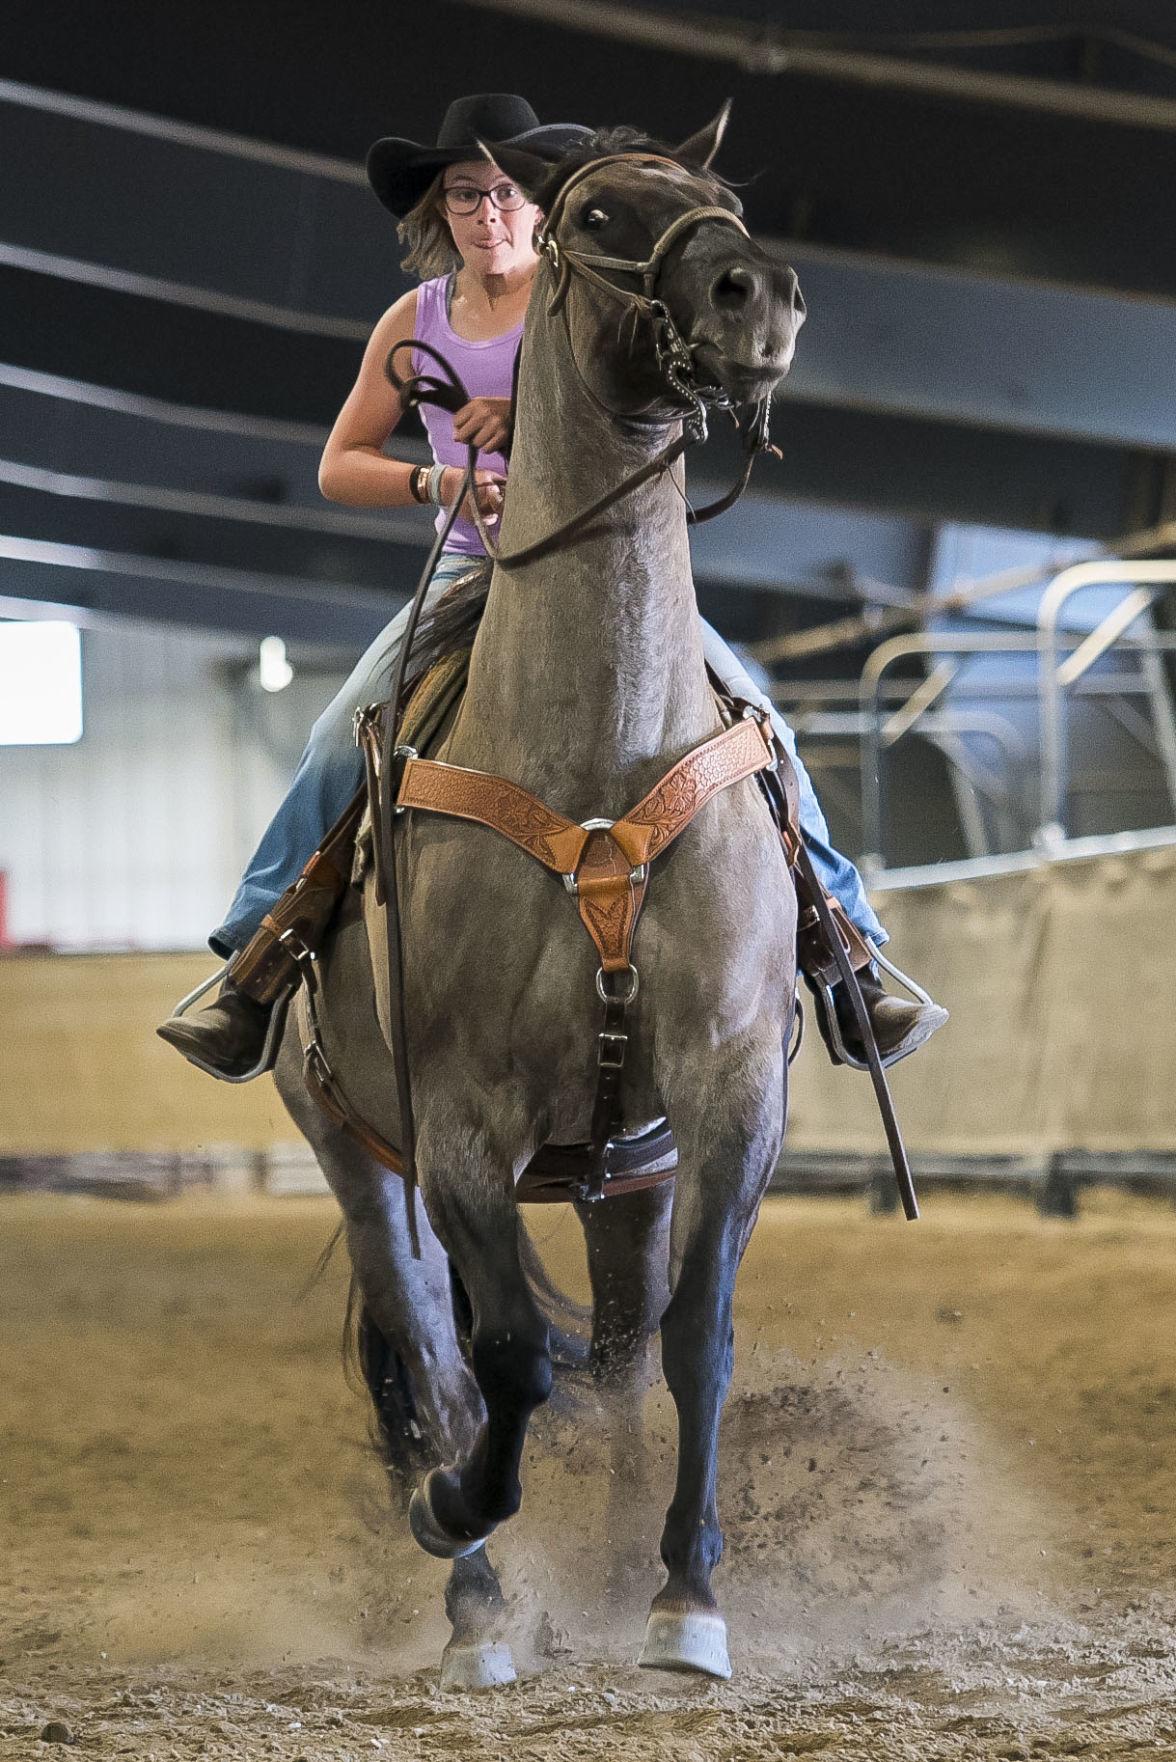 Teton County 4-H's pre-fair horse show practice